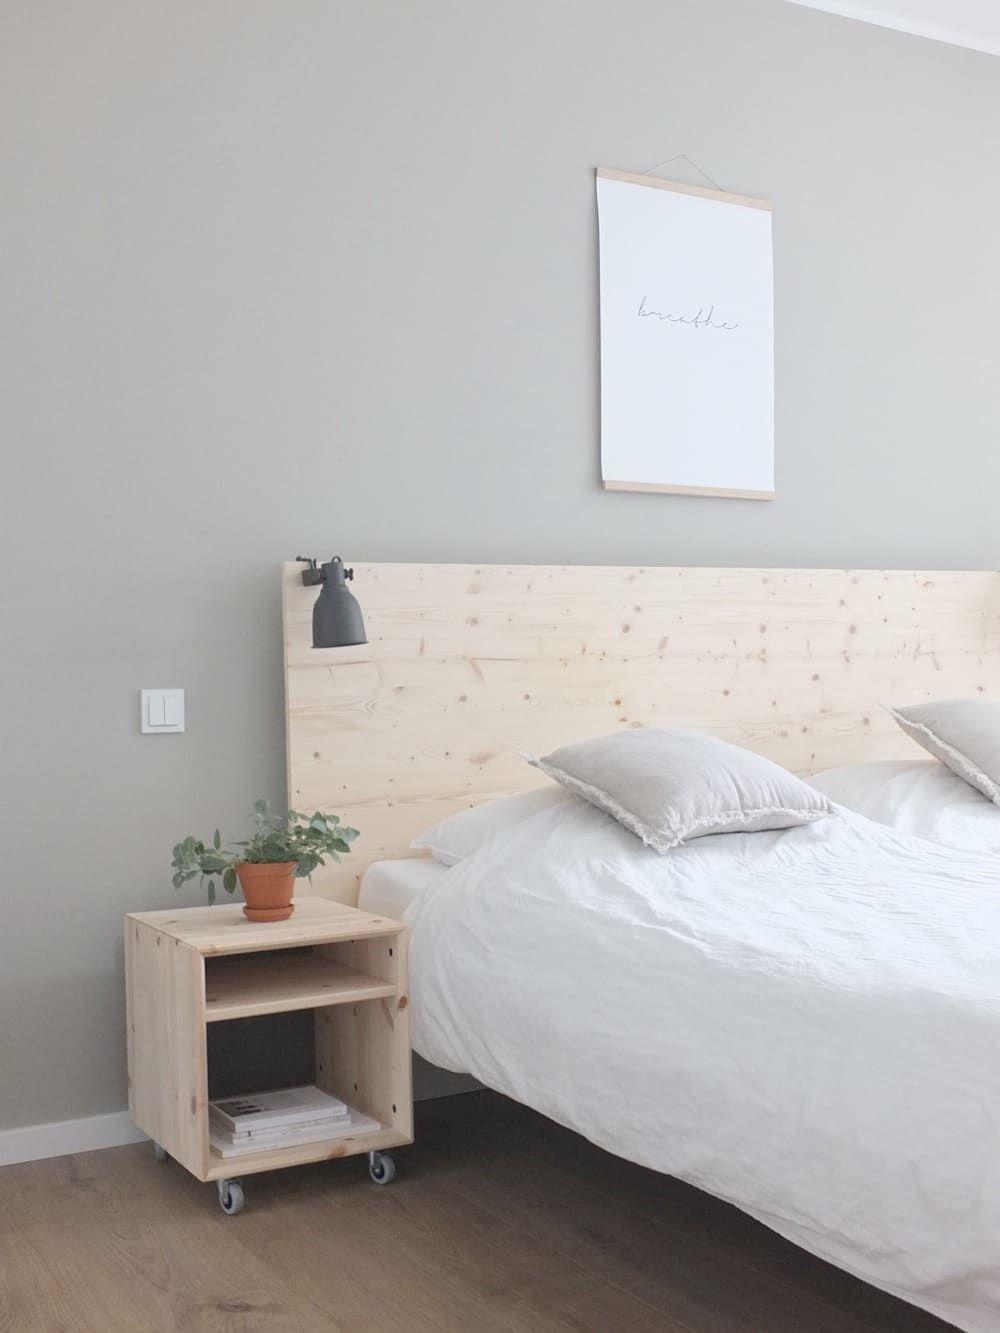 Wohngoldstück_Ikea Hack Malm Bett Rückwand | hausideen | Pinterest ...